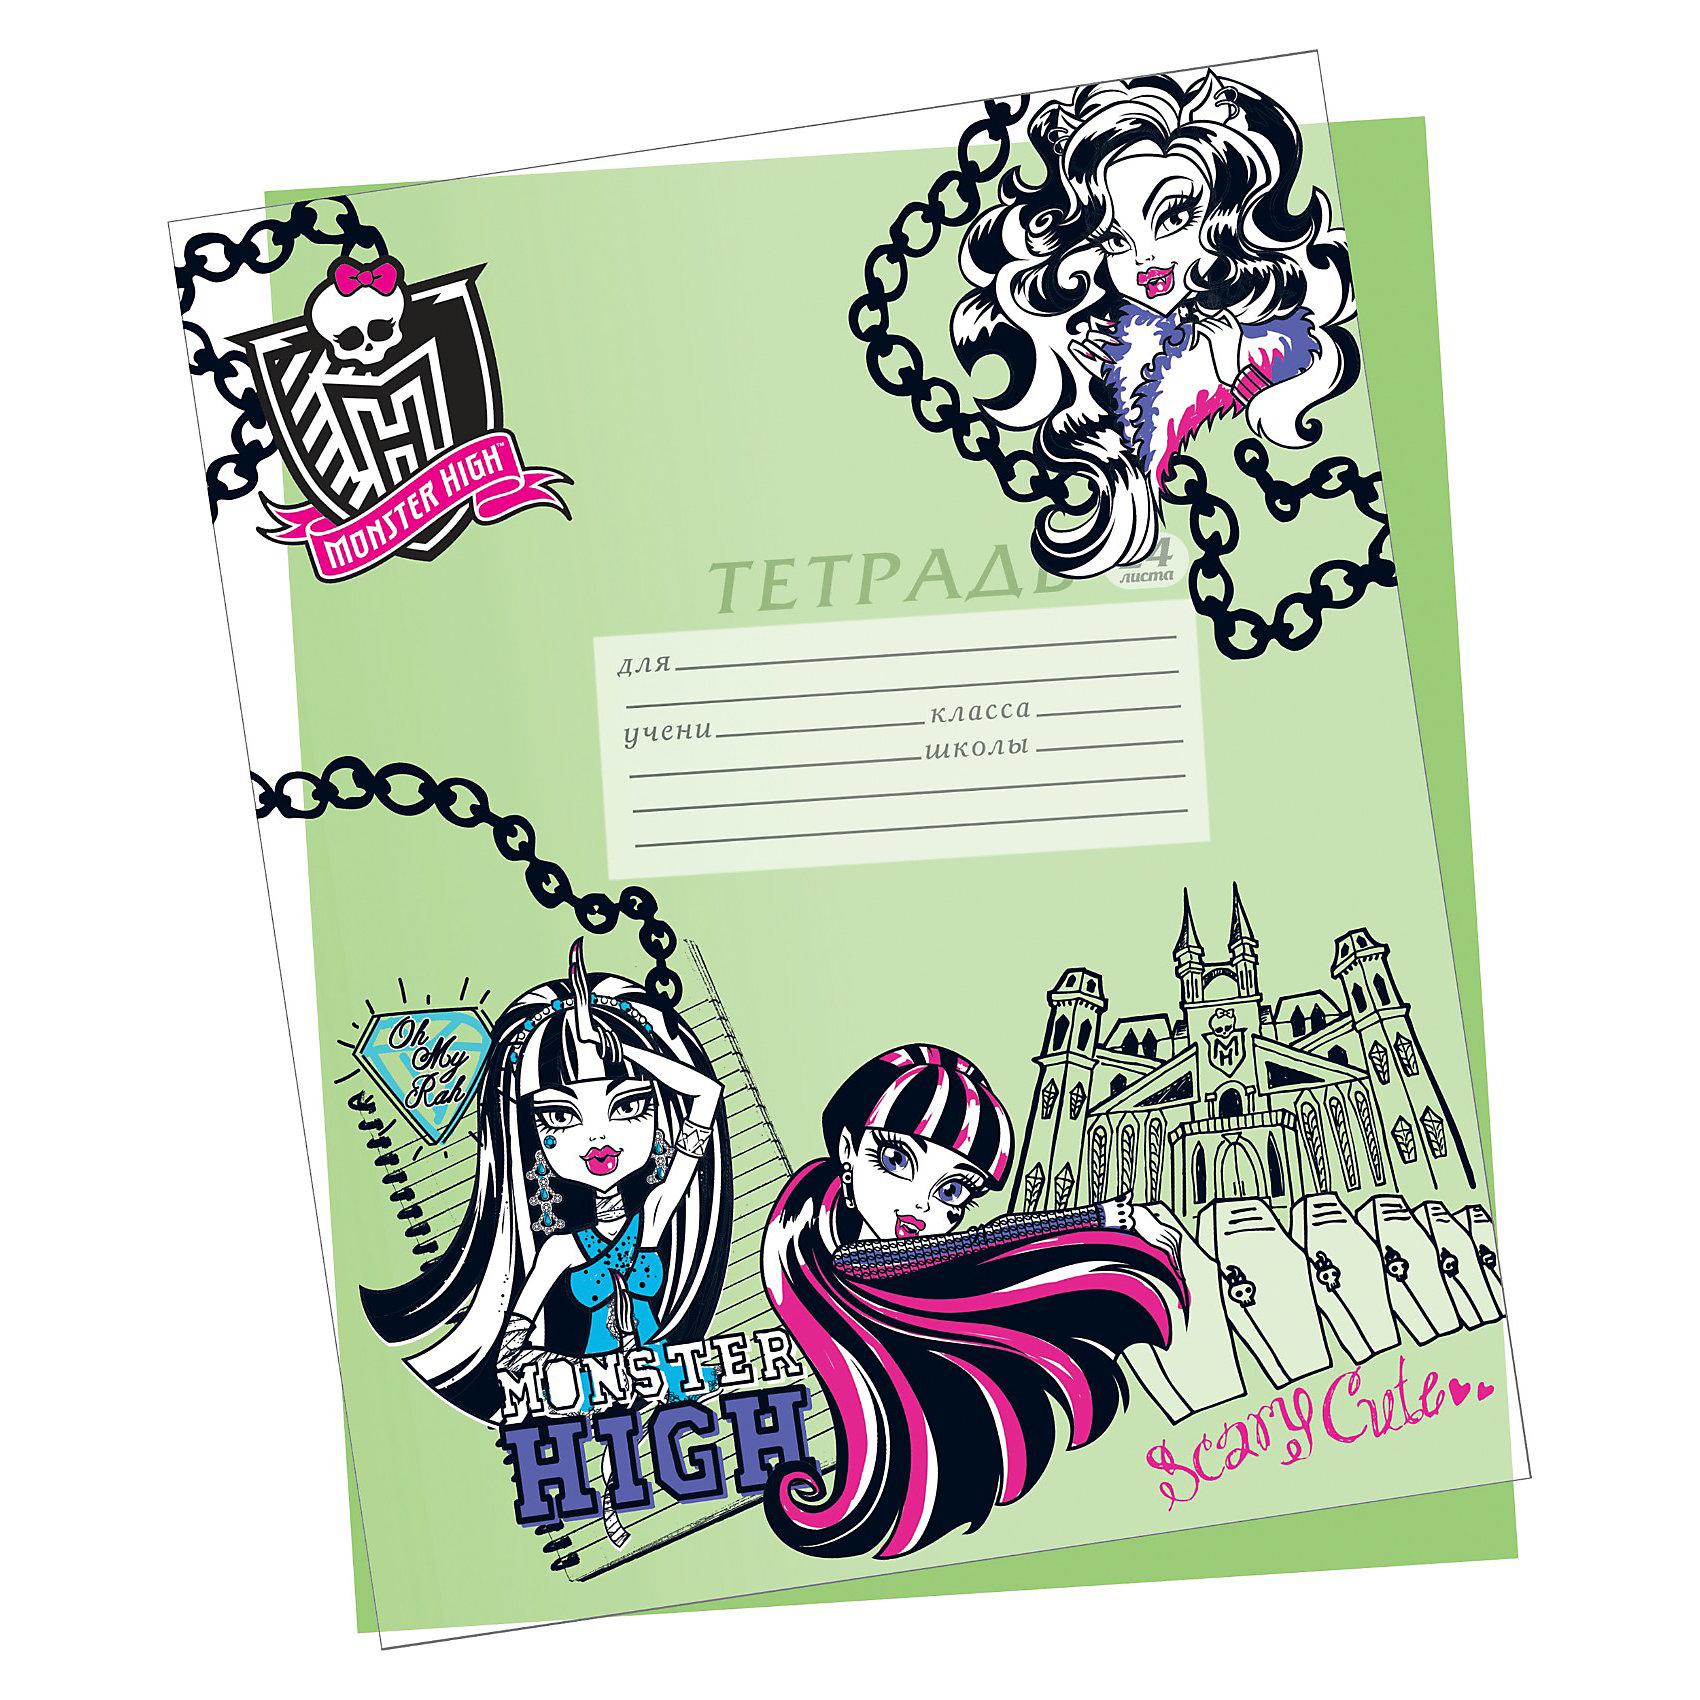 Обложки для тетрадей, 5 шт, Monster HighMonster High<br>Обложки для тетрадей, 5 шт, Monster High (Монстр Хай) – несомненно понравятся вашей дочке - любительницы сериала Monster High.<br>Обложки для тетрадей прозрачные с нанесением полноцветного изображения мистических героинь мультсериала Школа Монстров украсят школьные тетрадки вашей юной модницы.<br><br>Дополнительная информация:<br><br>- Количество: 5 шт в наборе. <br>- Размер: 21,2х35 см.<br><br>Обложки для тетрадей, 5 шт, Monster High (Монстр Хай) можно купить в нашем интернет-магазине.<br><br>Ширина мм: 200<br>Глубина мм: 160<br>Высота мм: 10<br>Вес г: 100<br>Возраст от месяцев: 120<br>Возраст до месяцев: 144<br>Пол: Женский<br>Возраст: Детский<br>SKU: 3563231